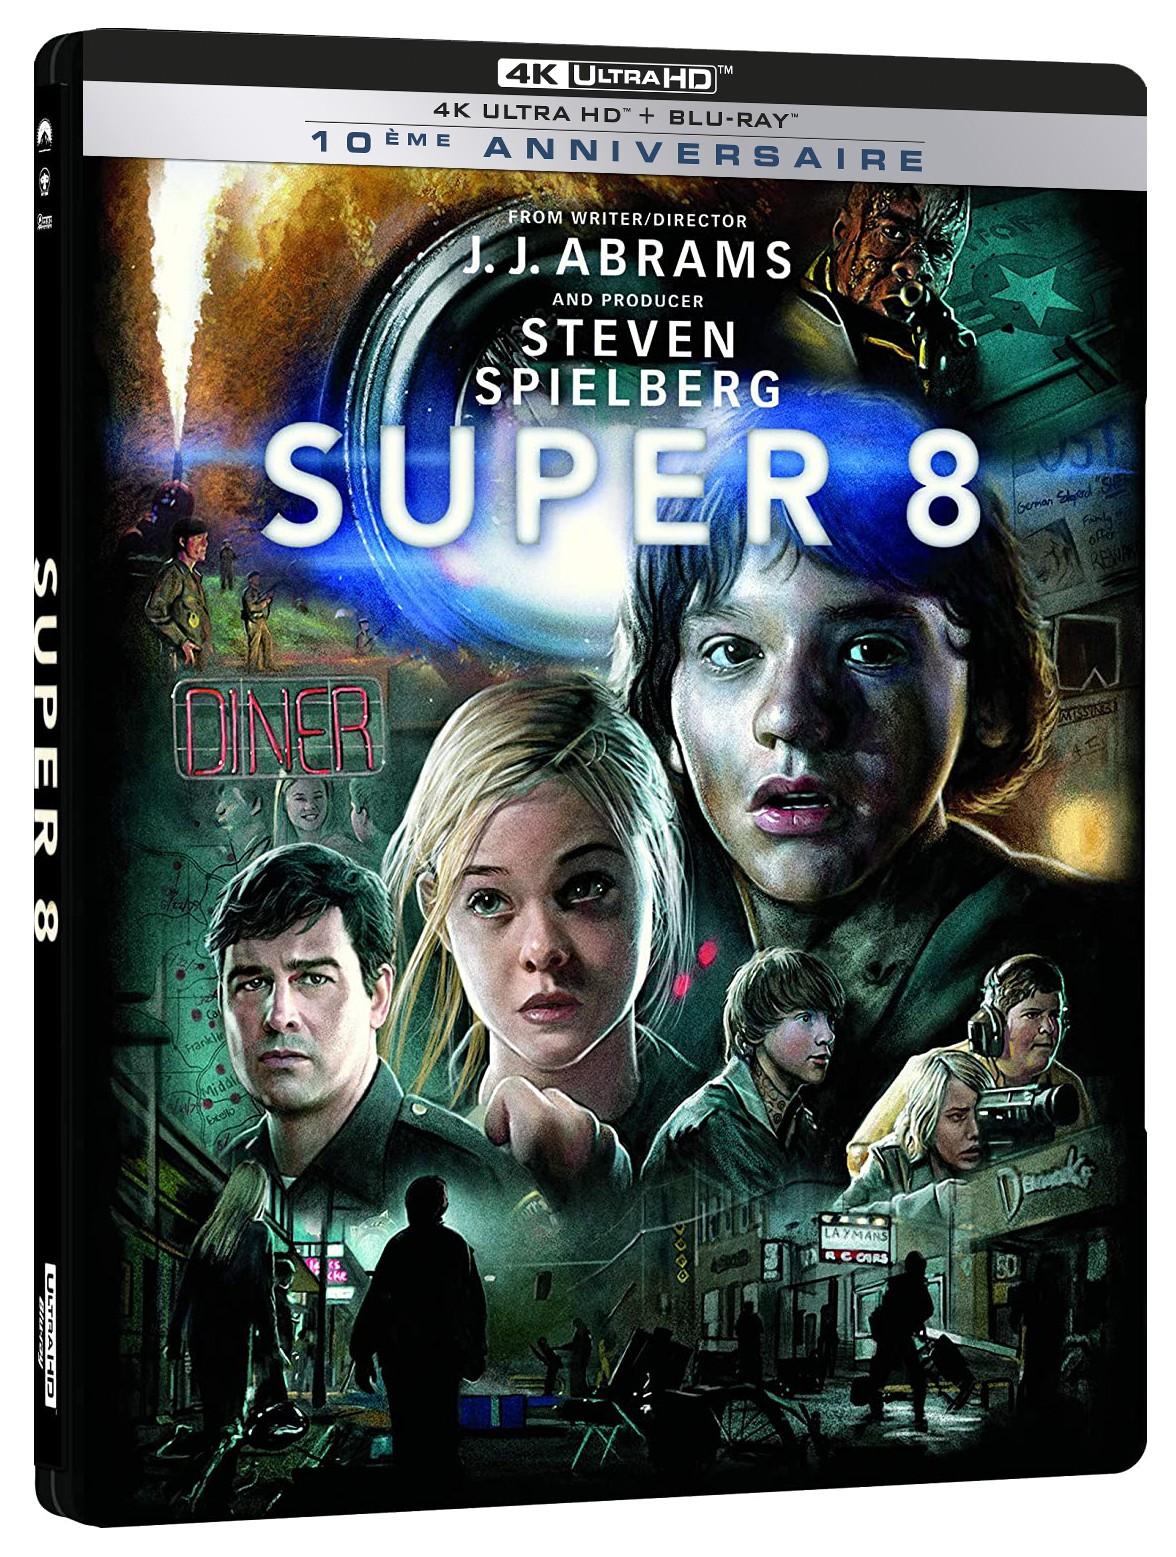 SUPER 8 - UHD 4K + BLU- RAY